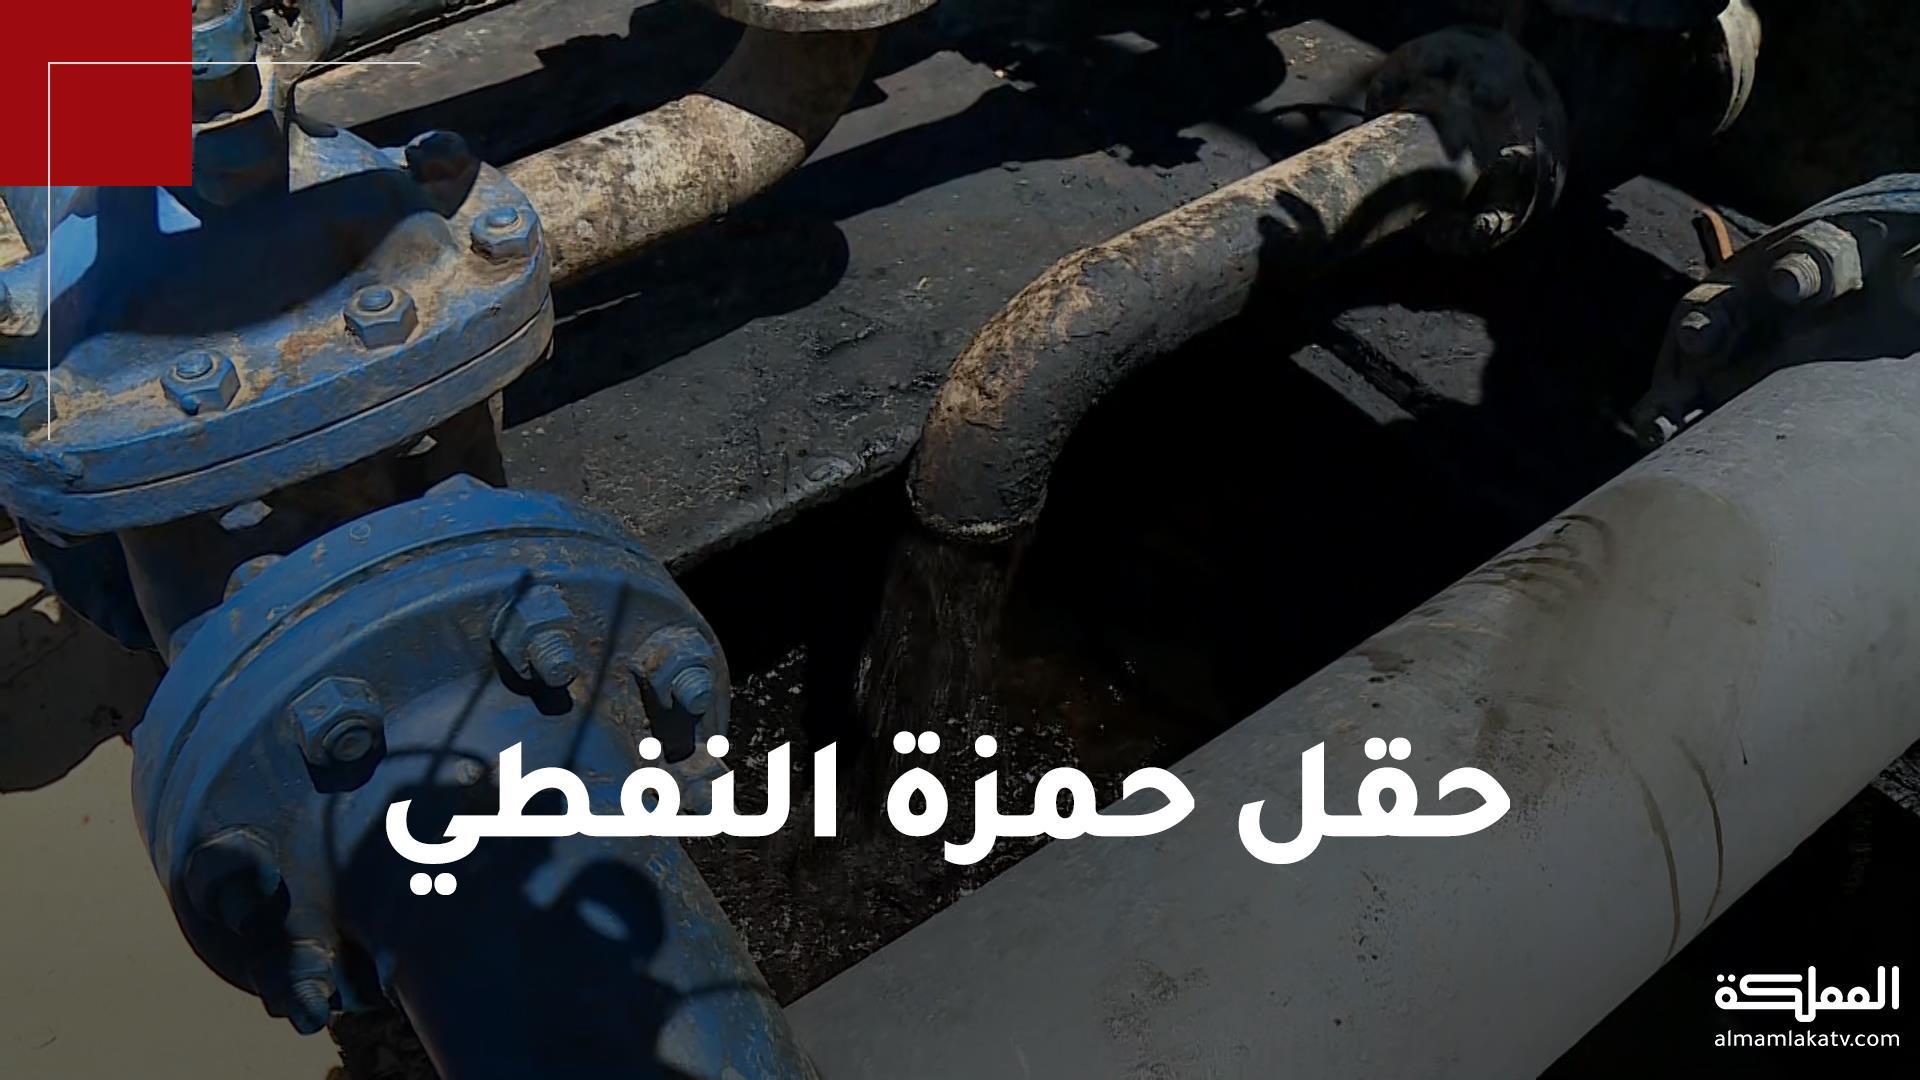 بعدما كان ينتج ٥ براميل فقط.. تأهيل حقل حمزة النفطي يرفع الإنتاج اليومي إلى نحو ألفي برميل